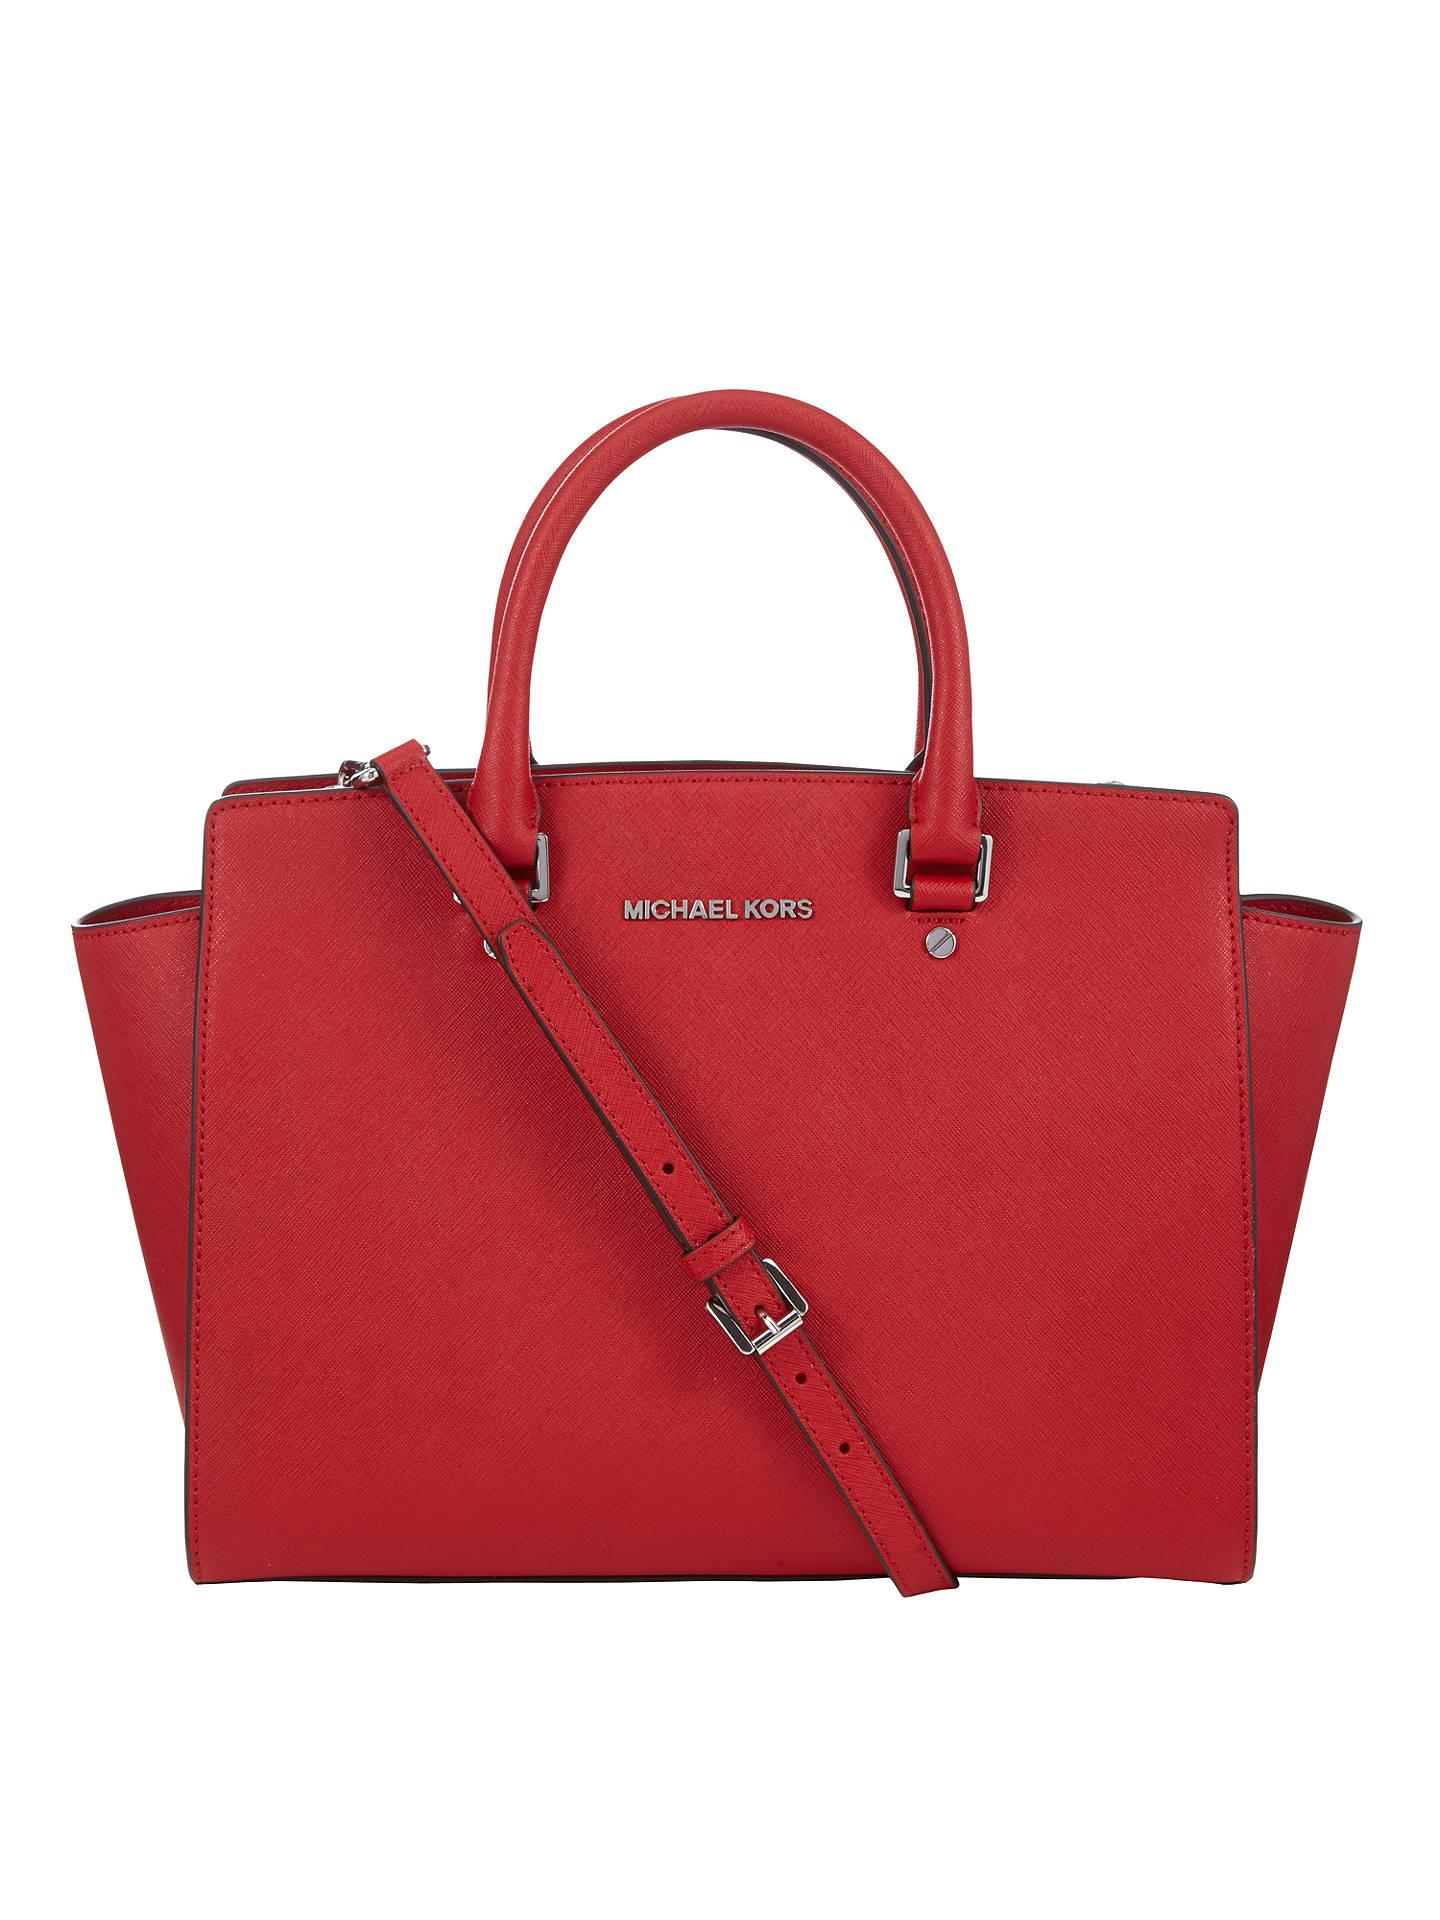 6f57ac0de6e9 ... discount buymichael michael kors selma leather satchel bag chilli  online at johnlewis 09636 5826a